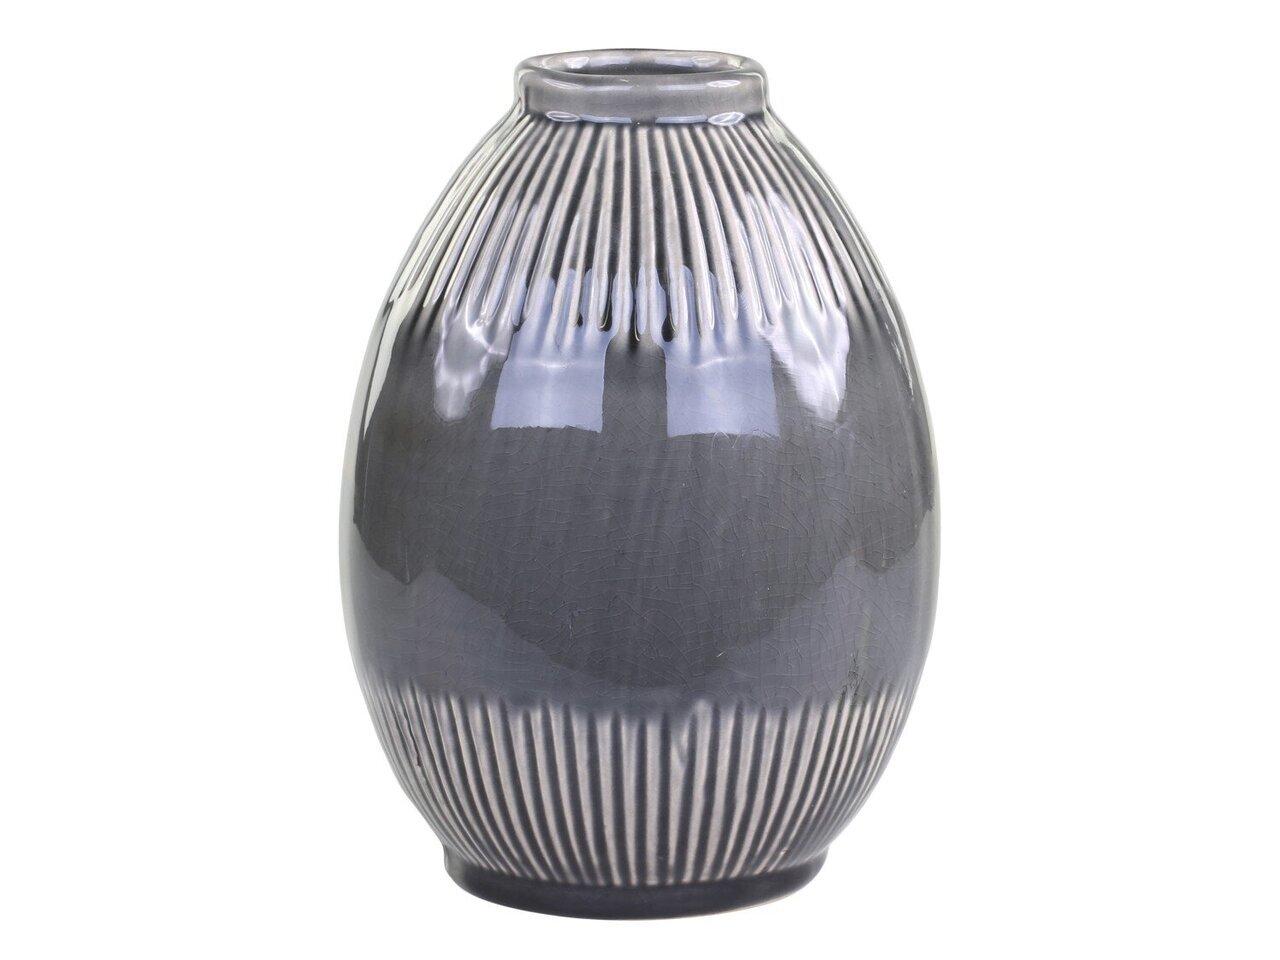 Chic Antique Alsace Vase mit gestreiftem Muster